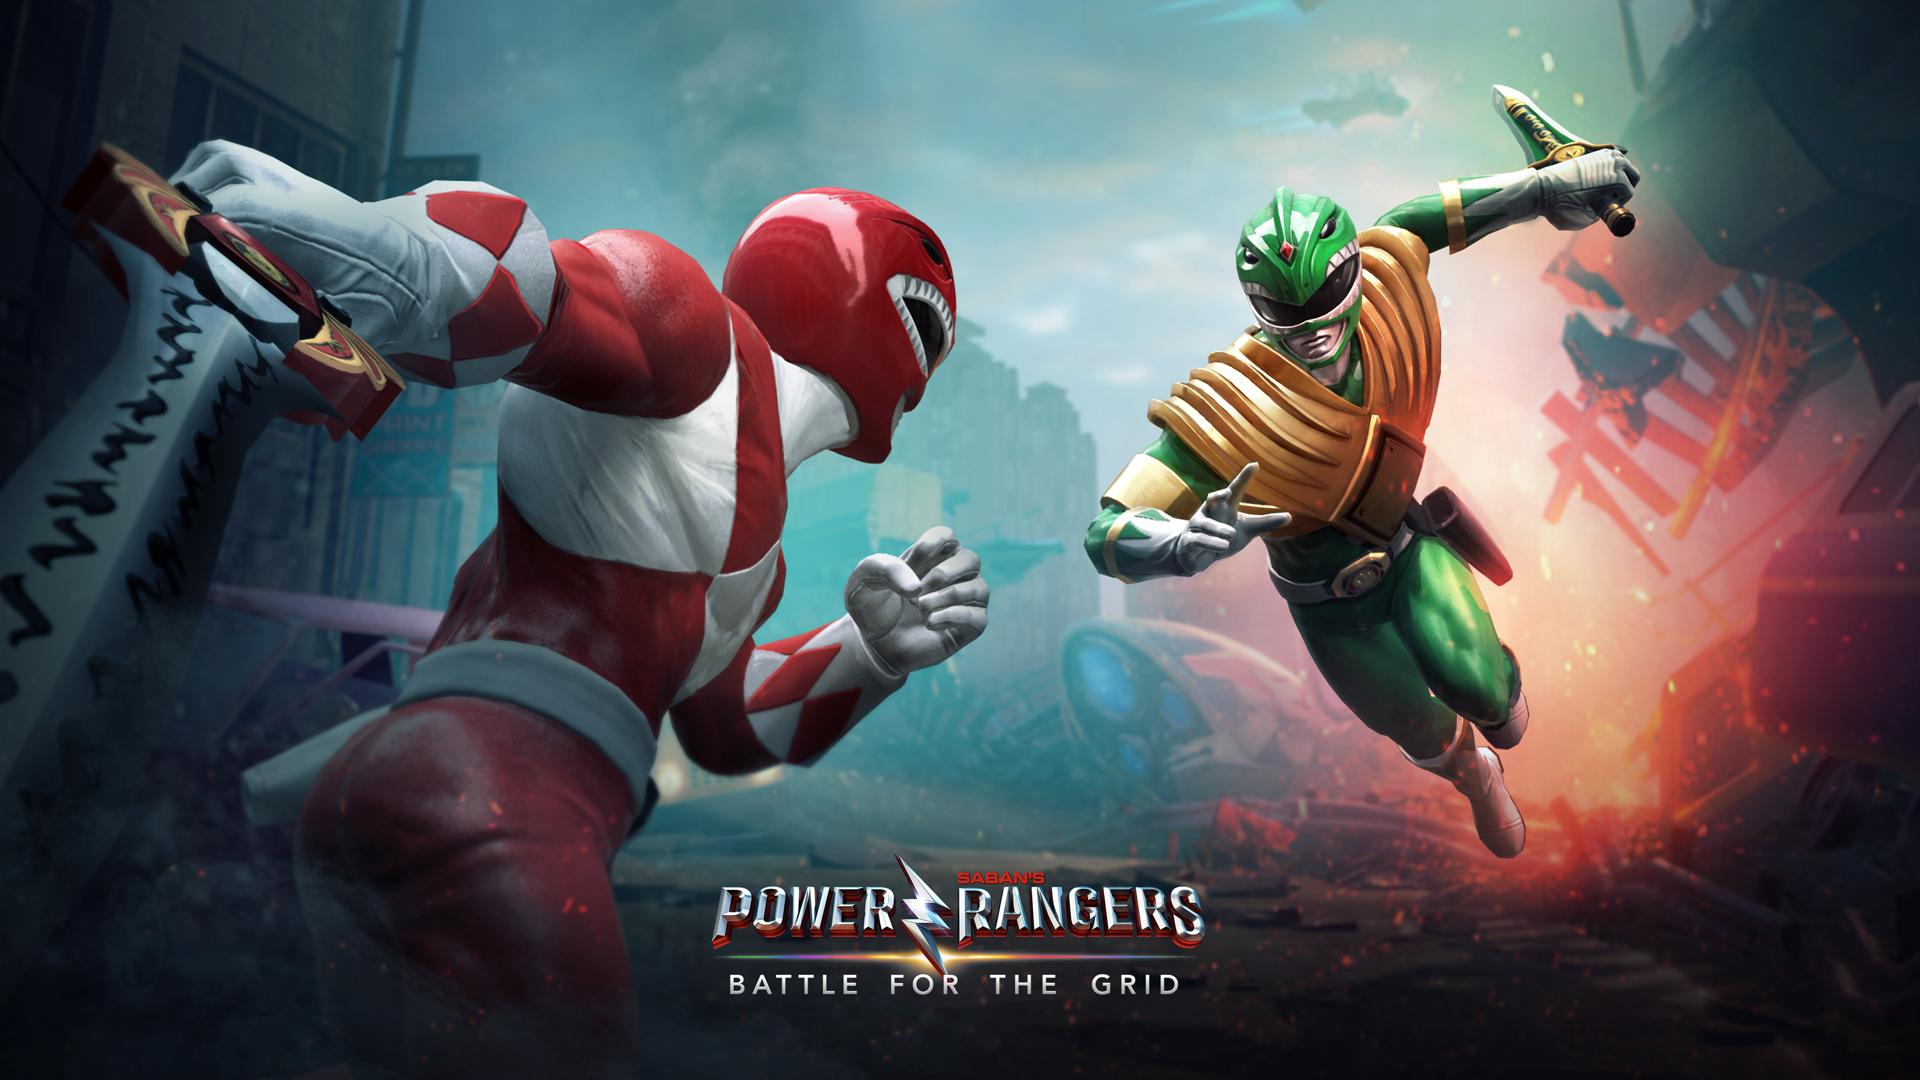 Power-Rangers-Battle-for-the-Grid_2019_01-17-19_001